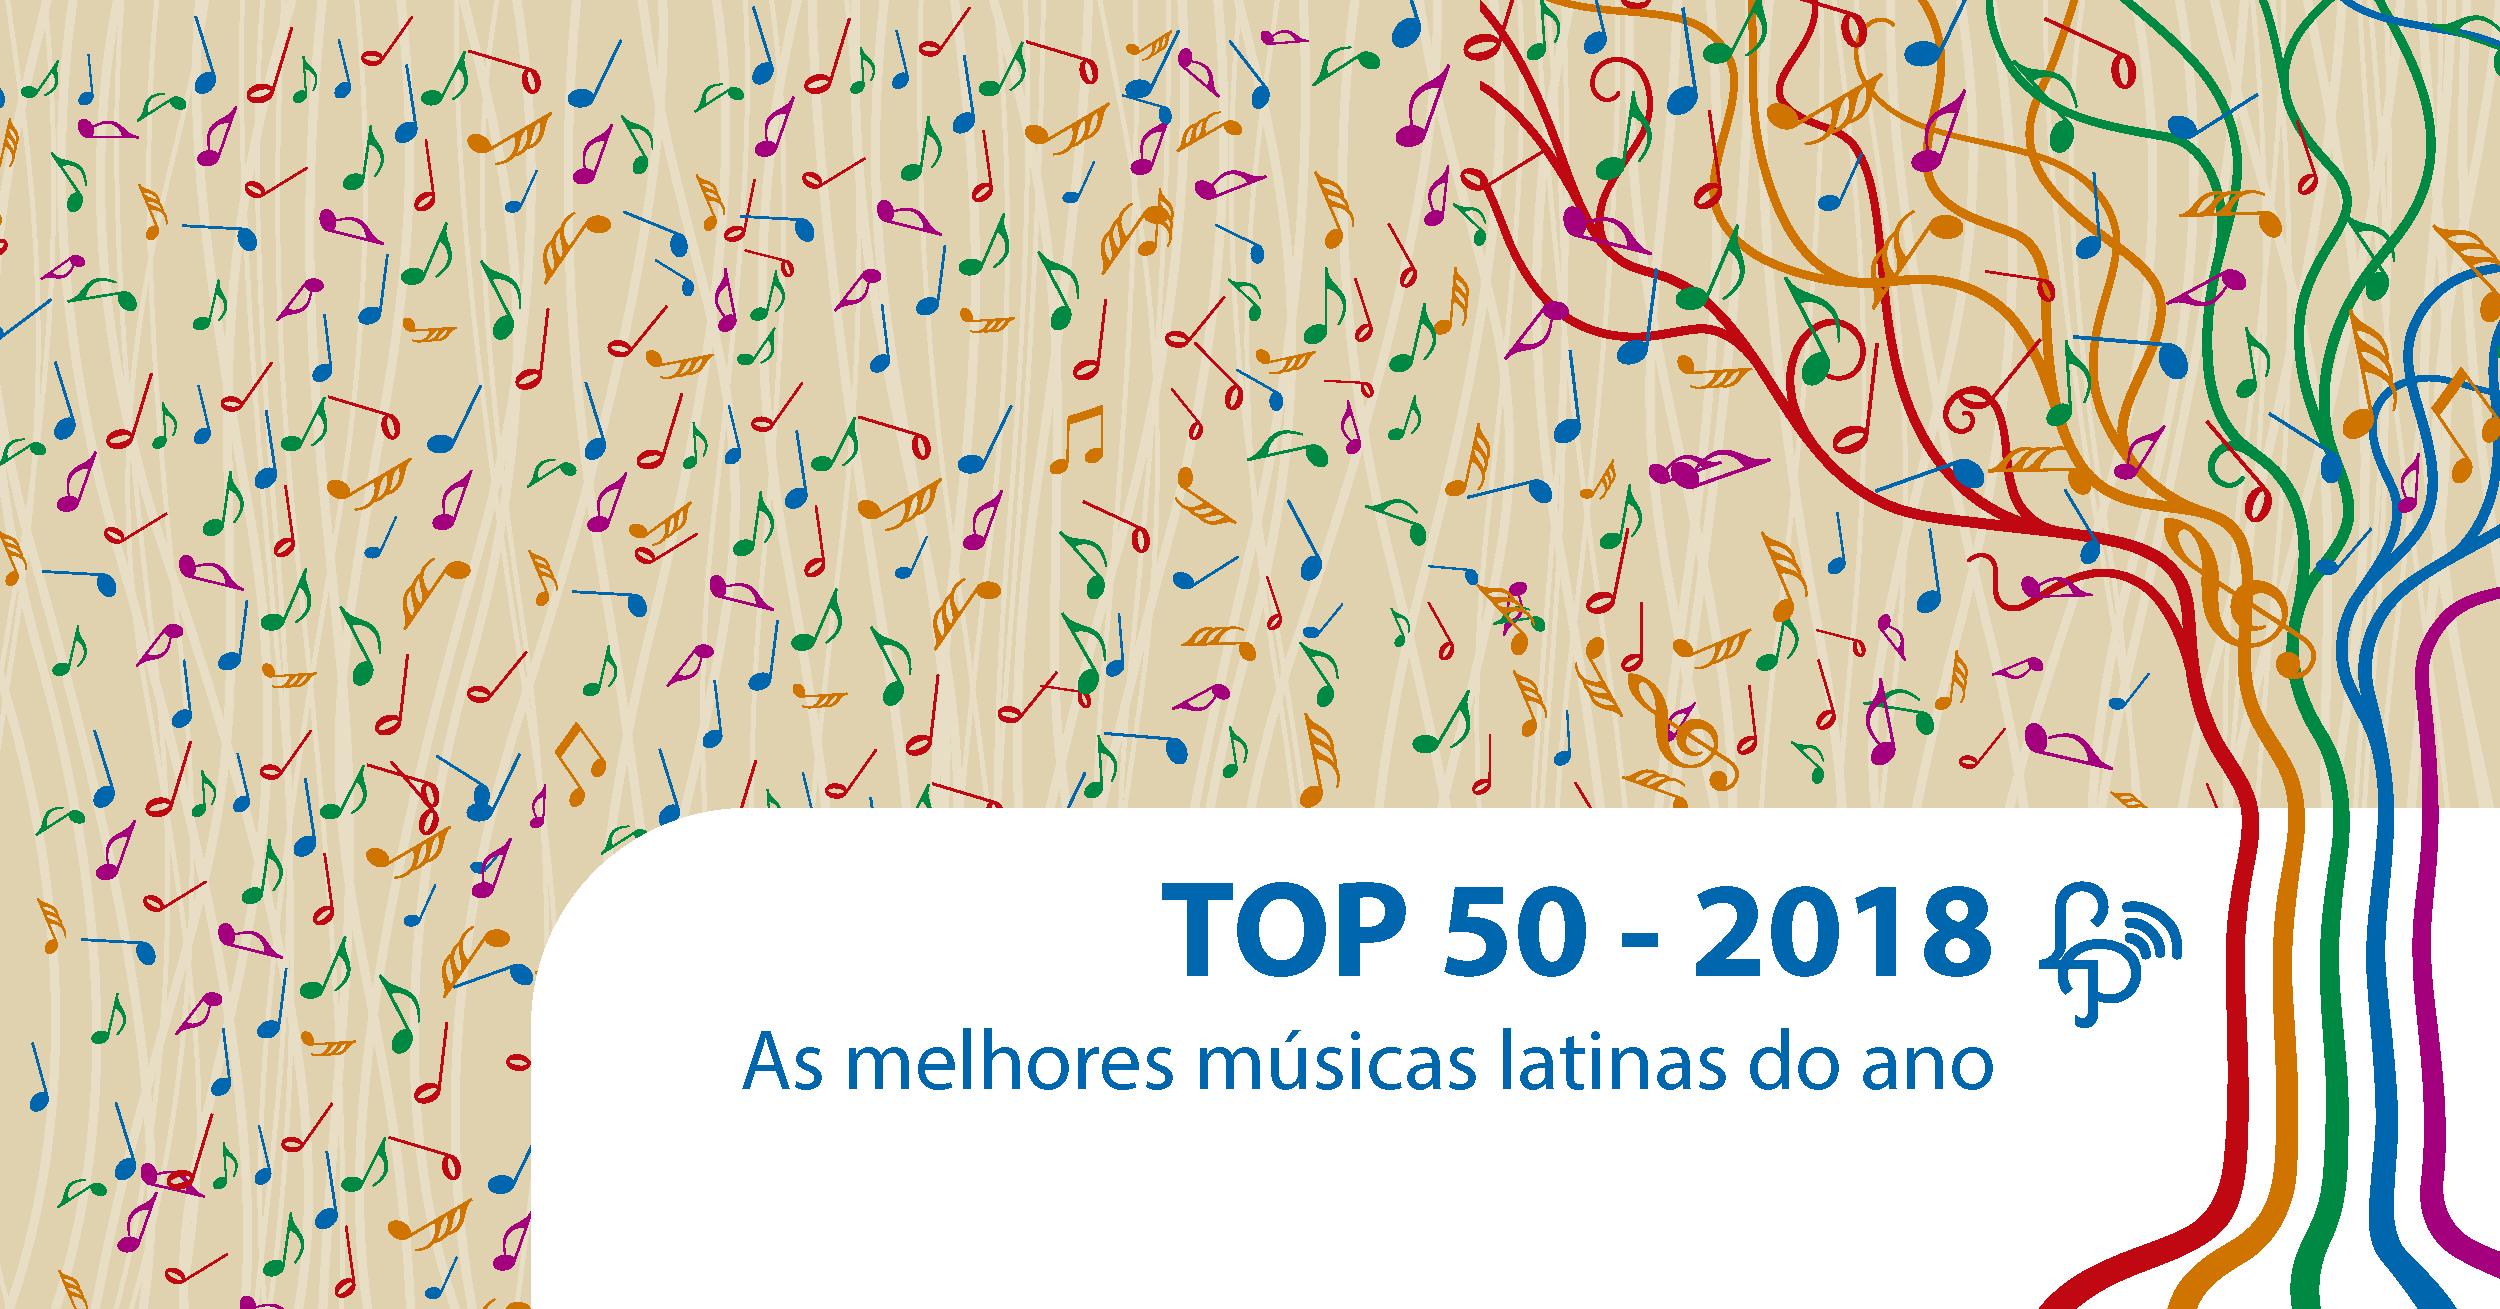 TOP 50 LatinPop Brasil